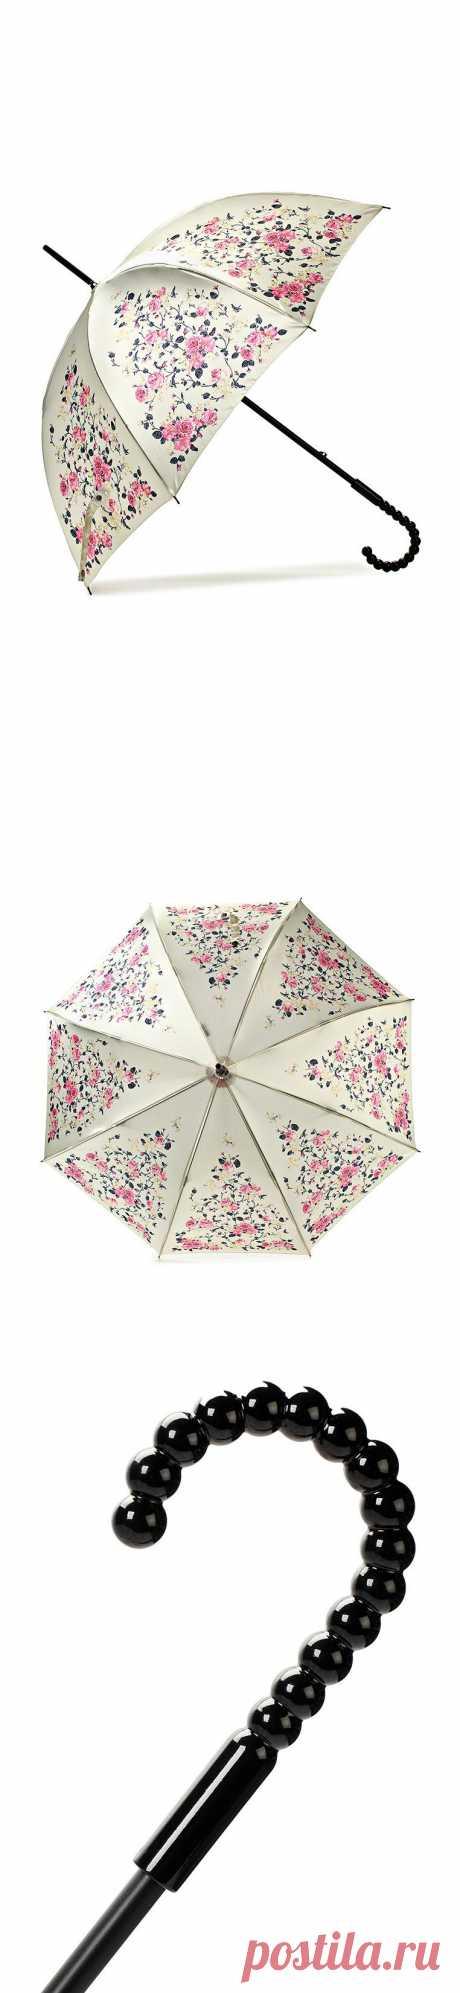 Просто супер-элегантный зонт был обнаружен на Lamoda. Нежный, красивый и недорогой!  Как быть, если хочется ВСЁ купить?:) Стоит 1420 рублей